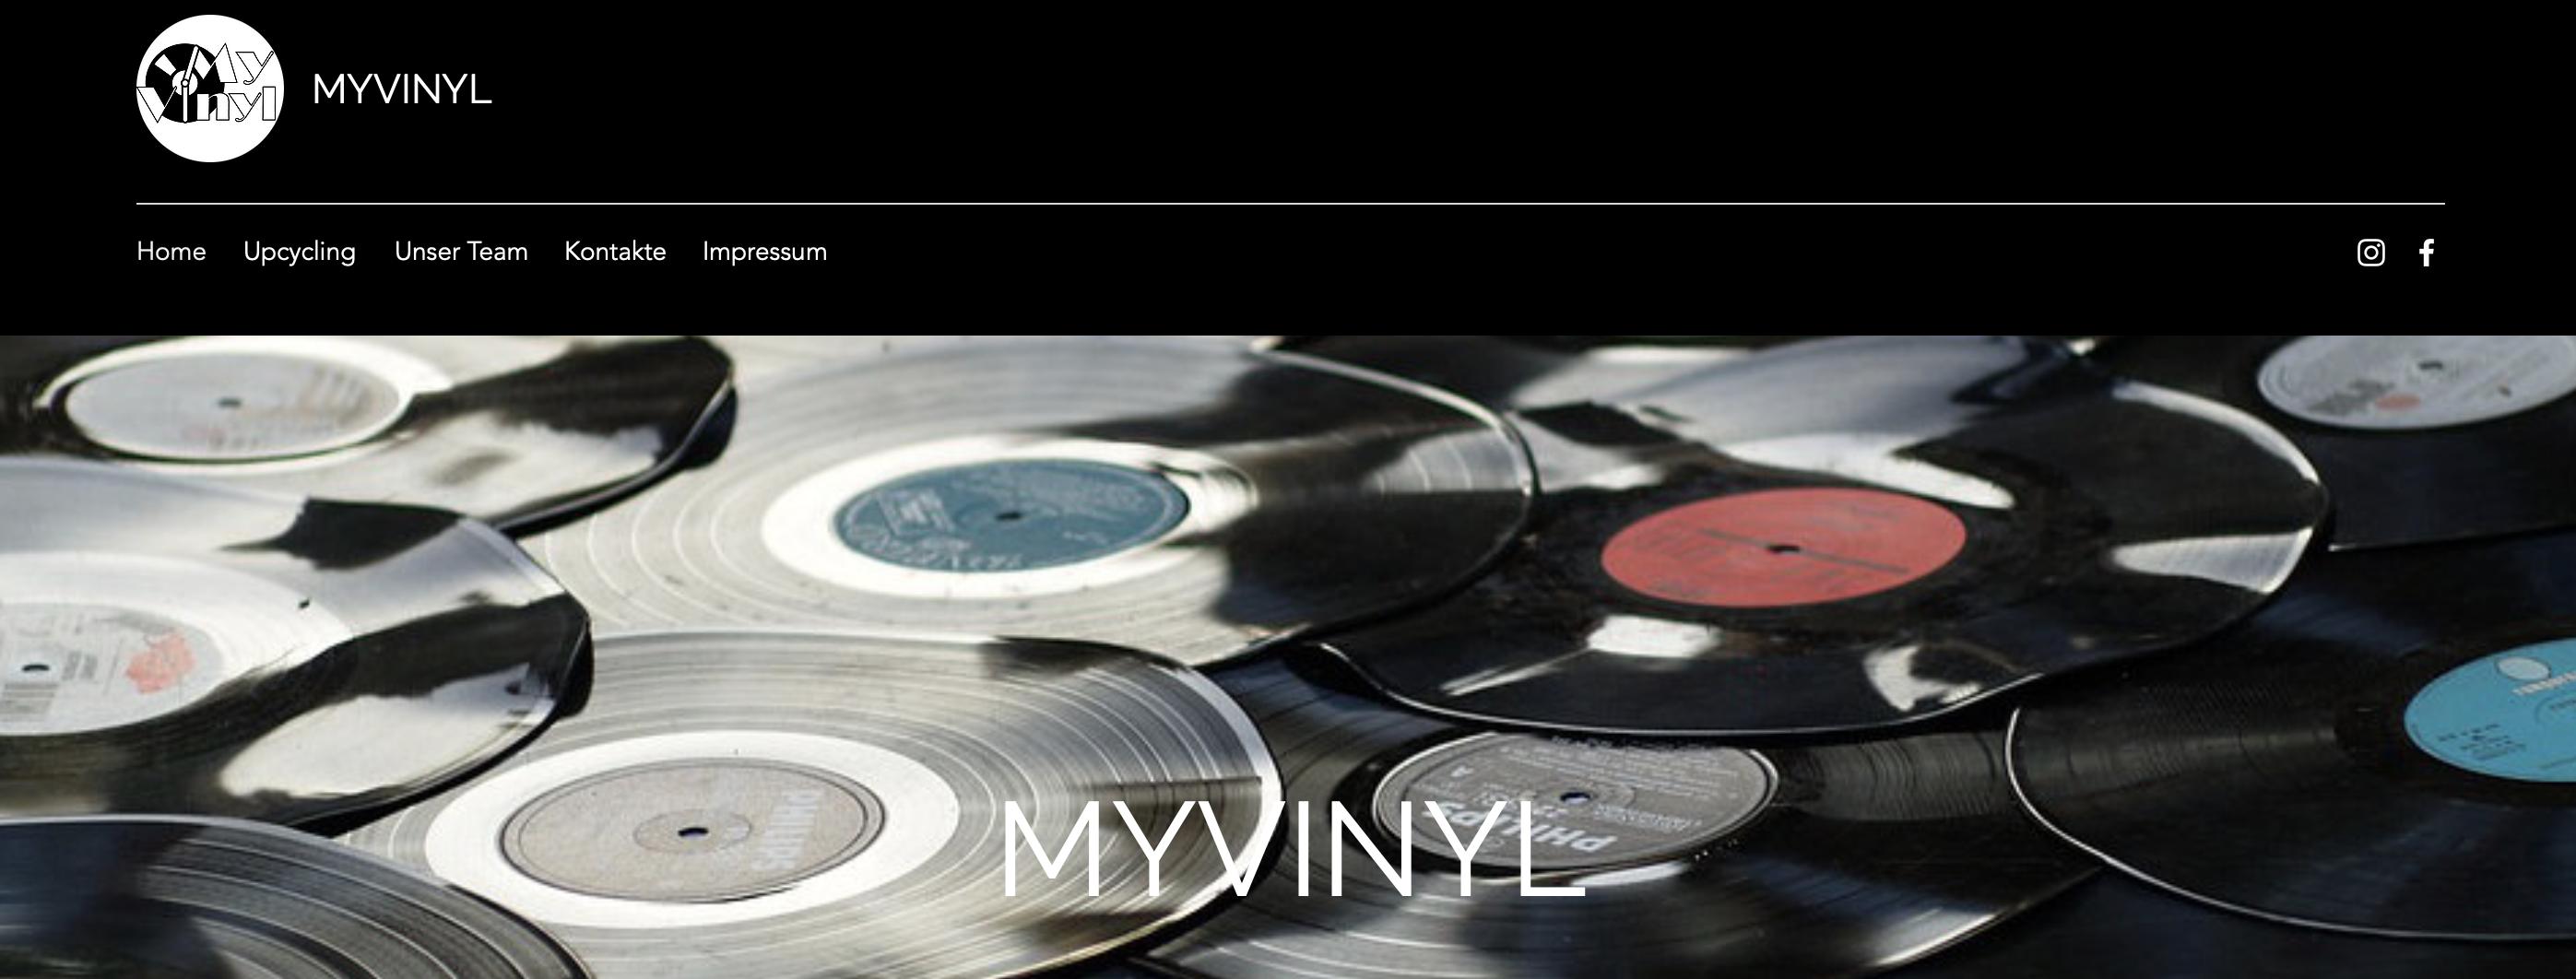 Gründervilla Programm Juni 2019 - My Vinyl - neue Webseite